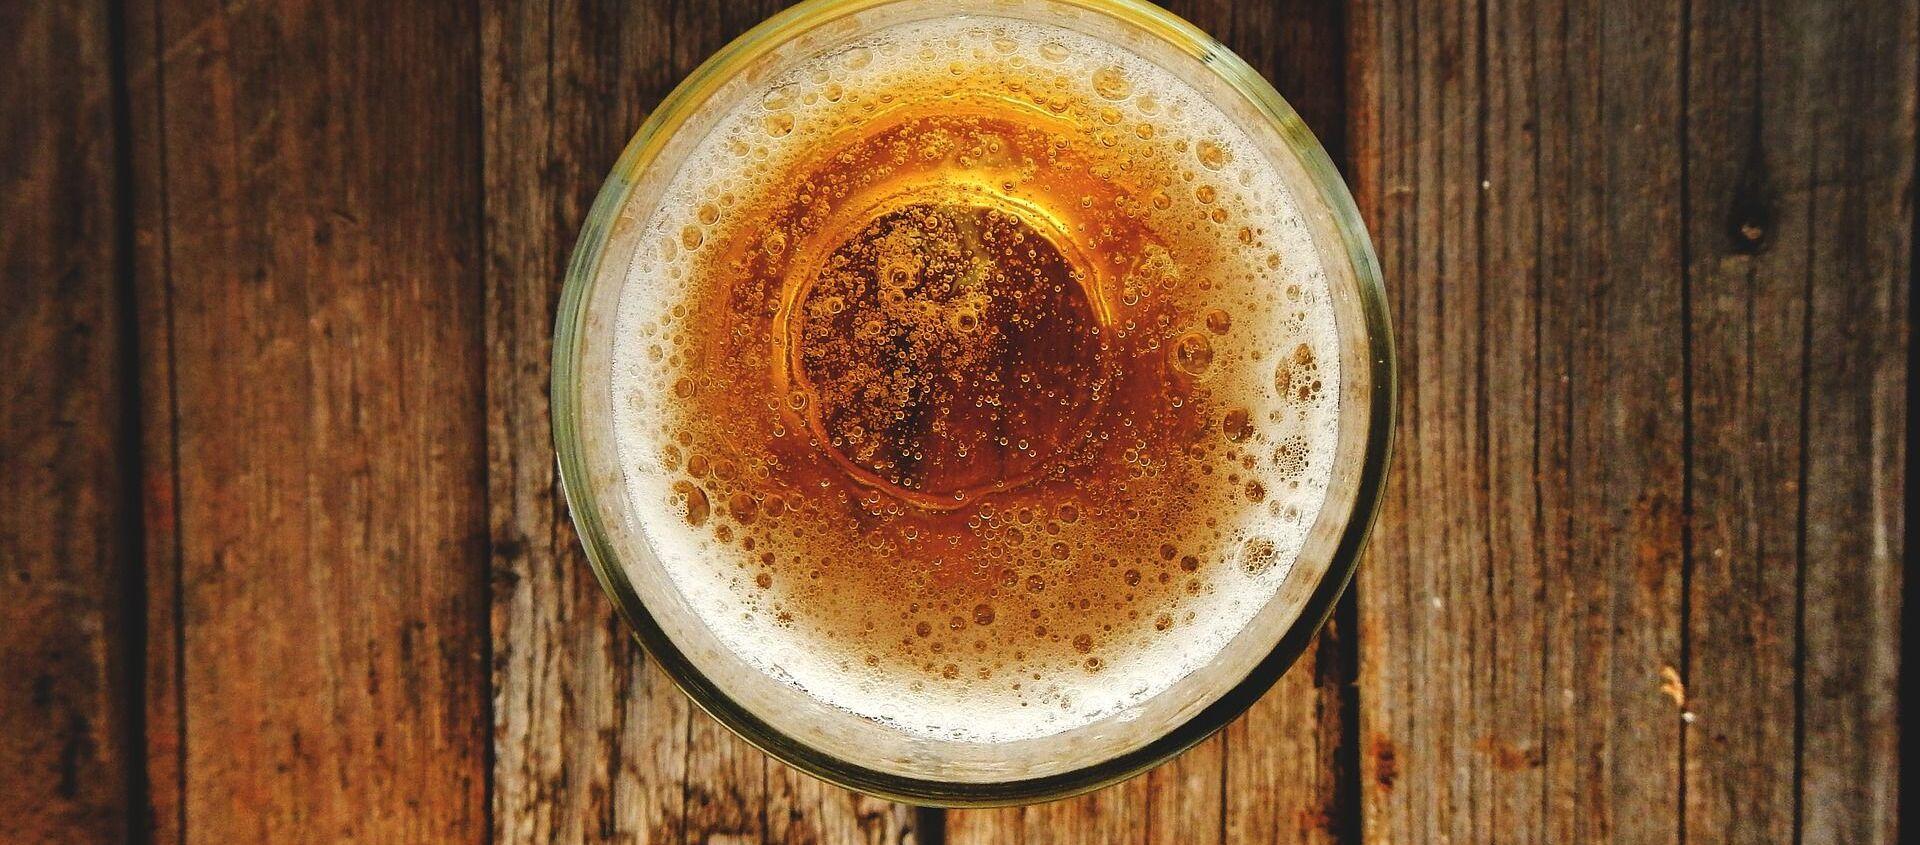 Un verre de bière - Sputnik France, 1920, 08.04.2021